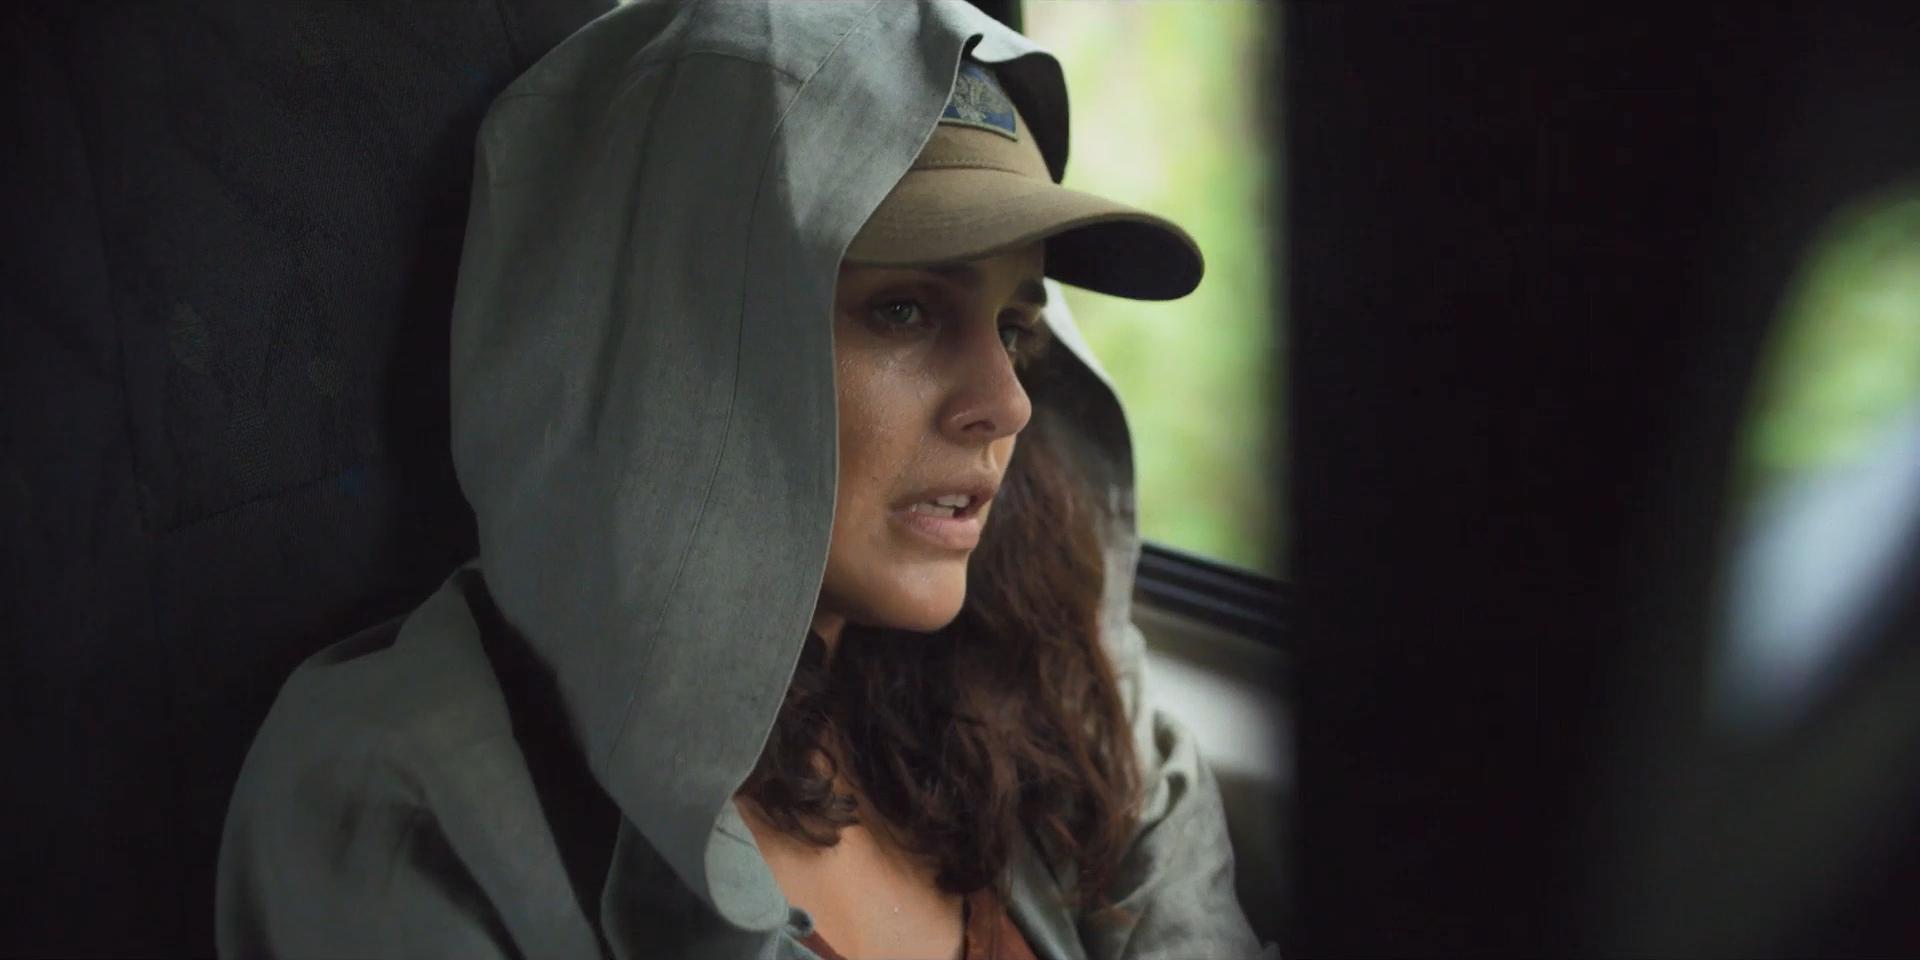 Изображение для Избранный / O Escolhido, Сезон 2, Серии 1-6 из 6 (2019) WEB-DLRip 1080p (кликните для просмотра полного изображения)